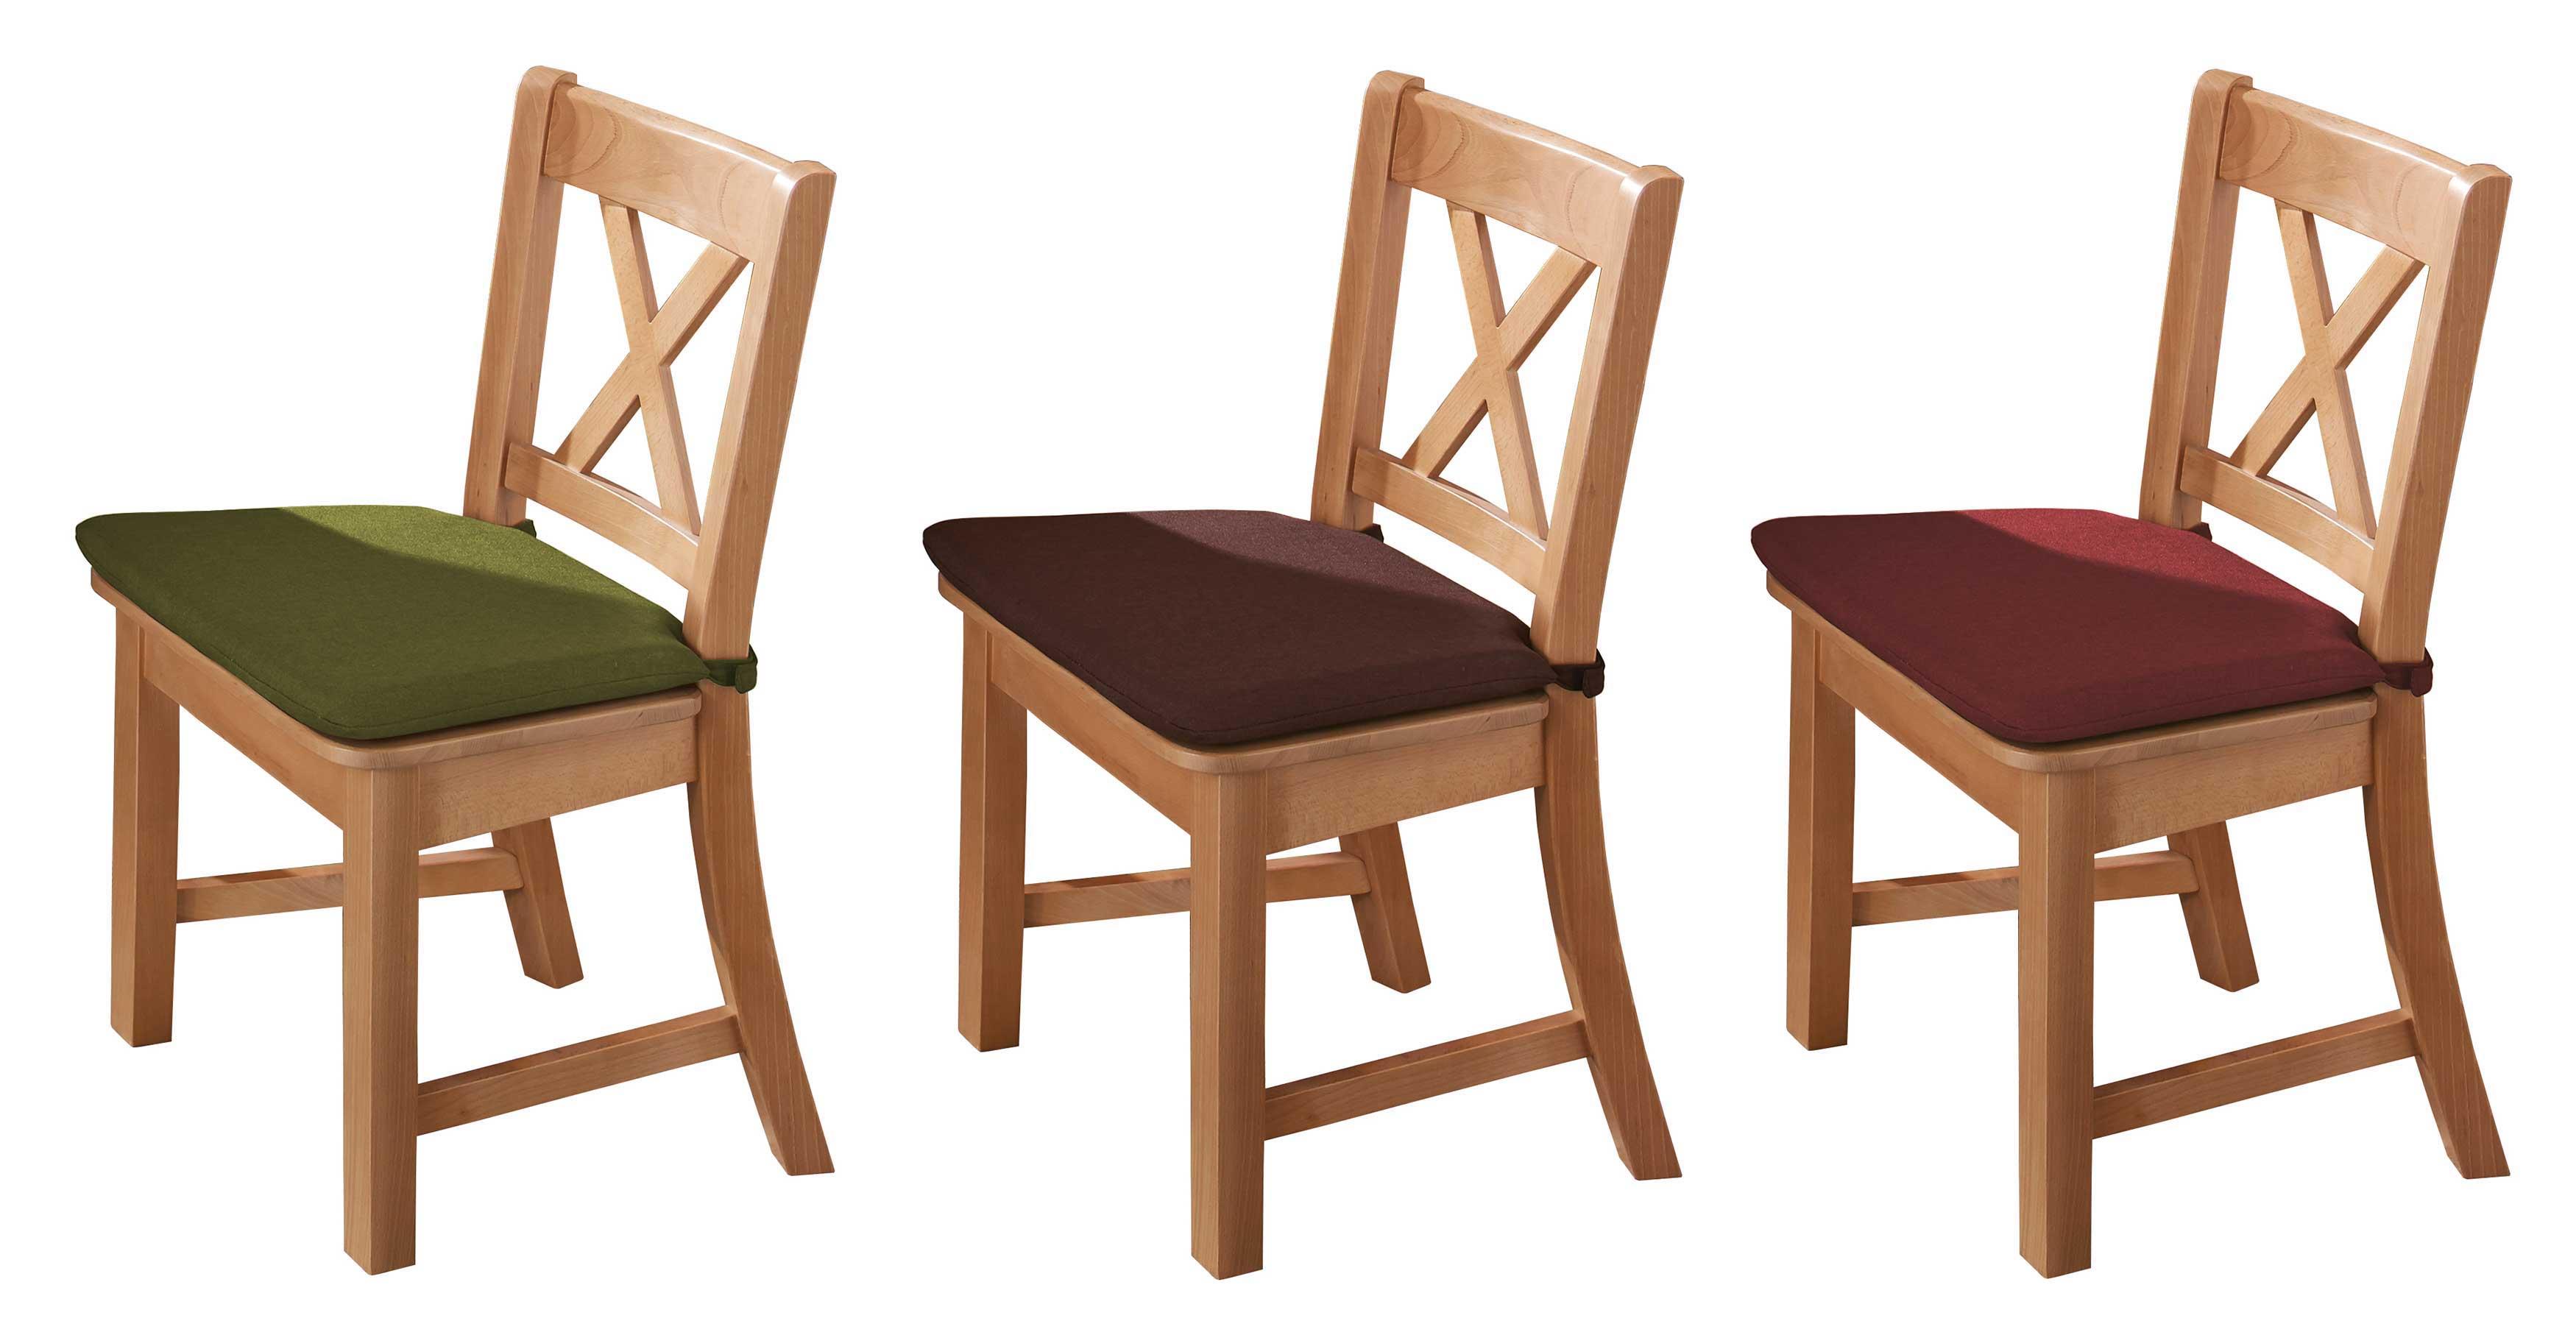 Schösswender Bodensee Holzstühle buche mit Polsterkissen